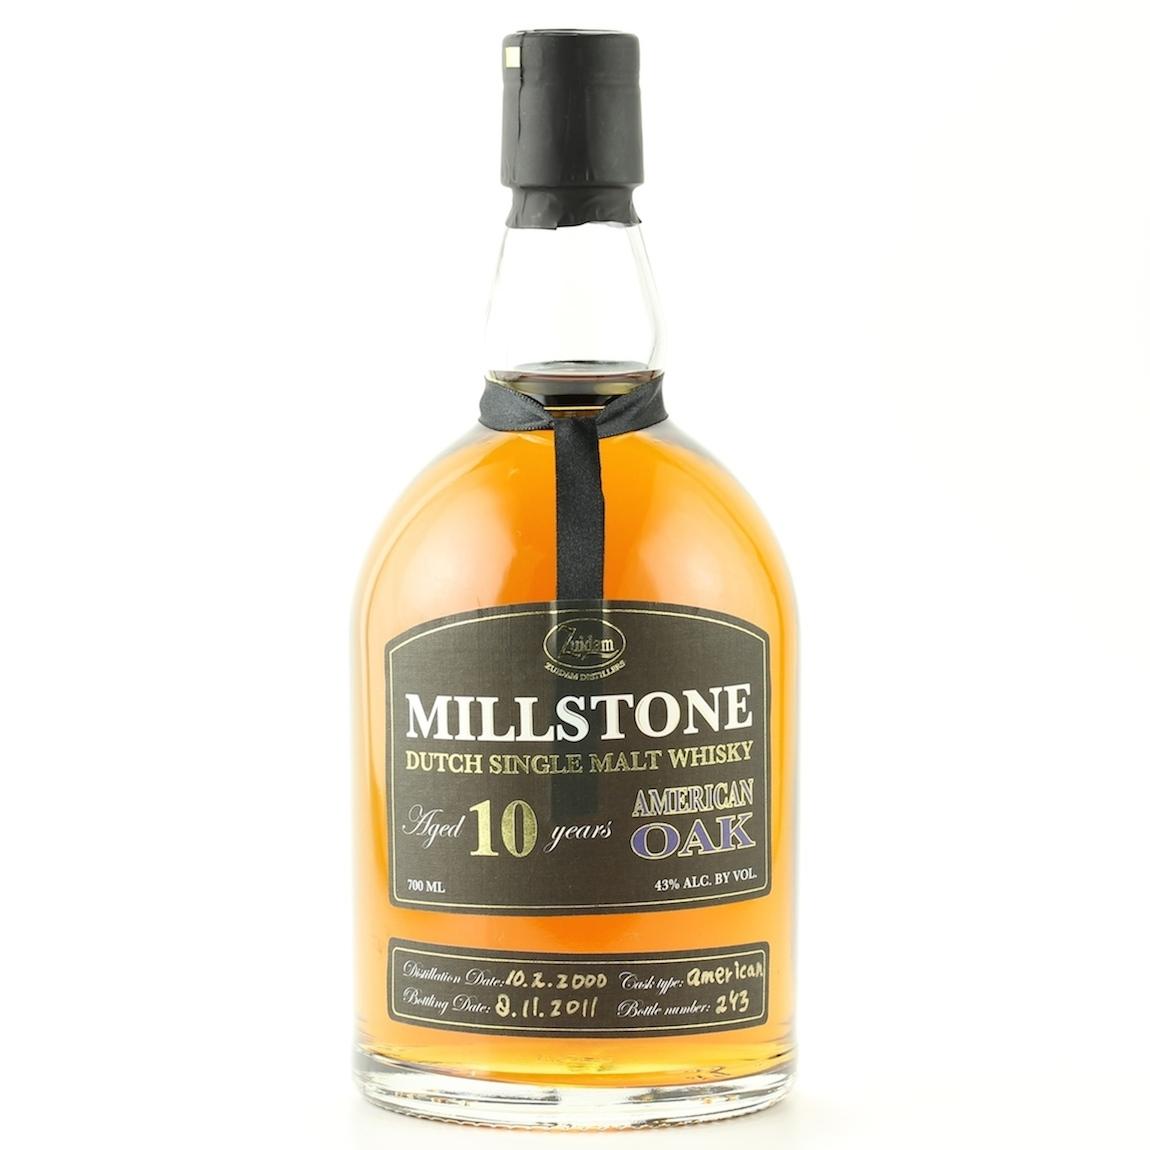 Zuidam Millstone Dutch Single Malt Whisky 10YO American Oak 43%